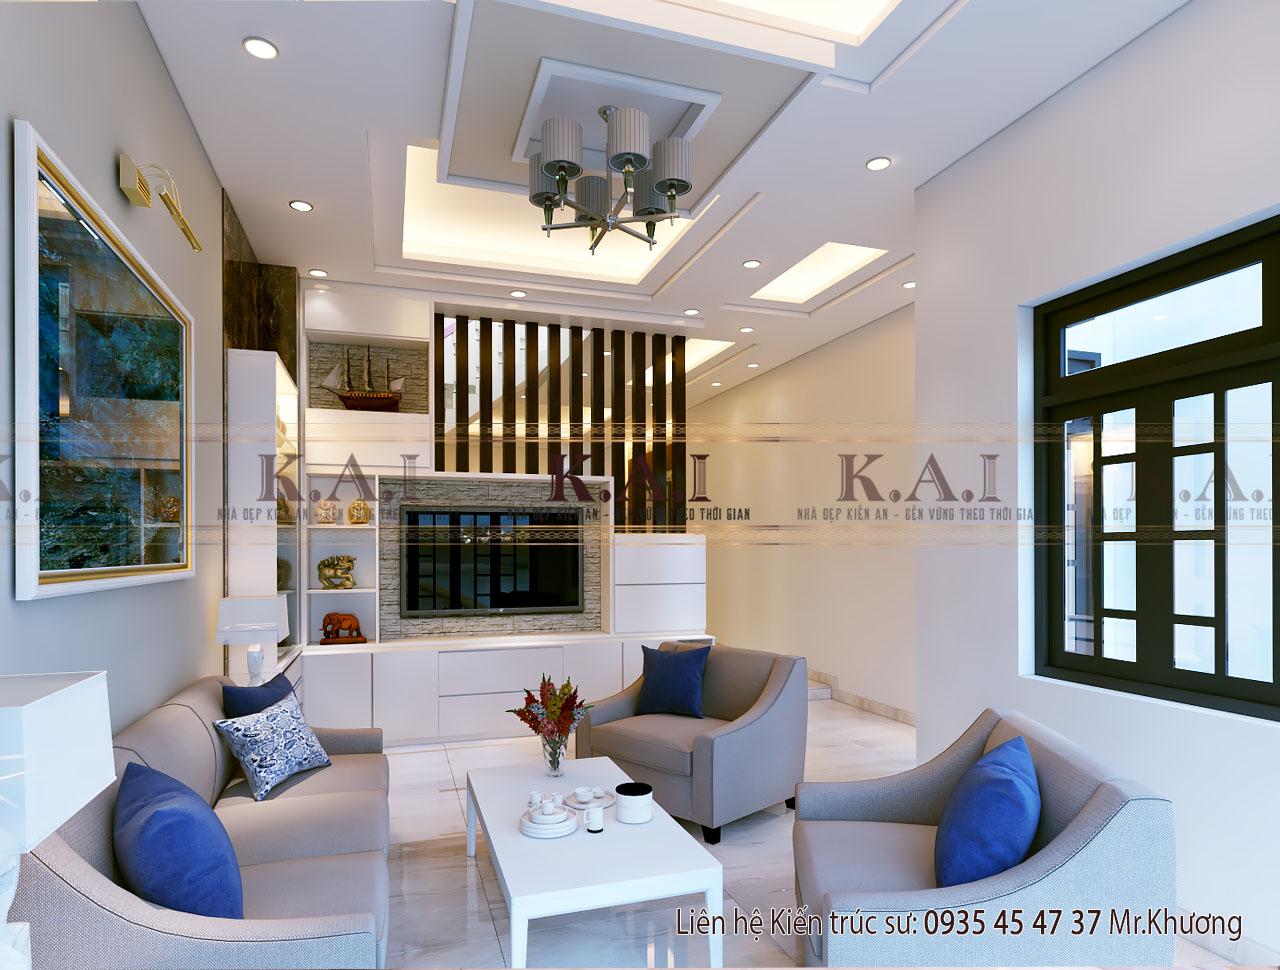 Thiết kế nội thất nhà hiện đại 3 tầng 110m2 tại Đồng Nai